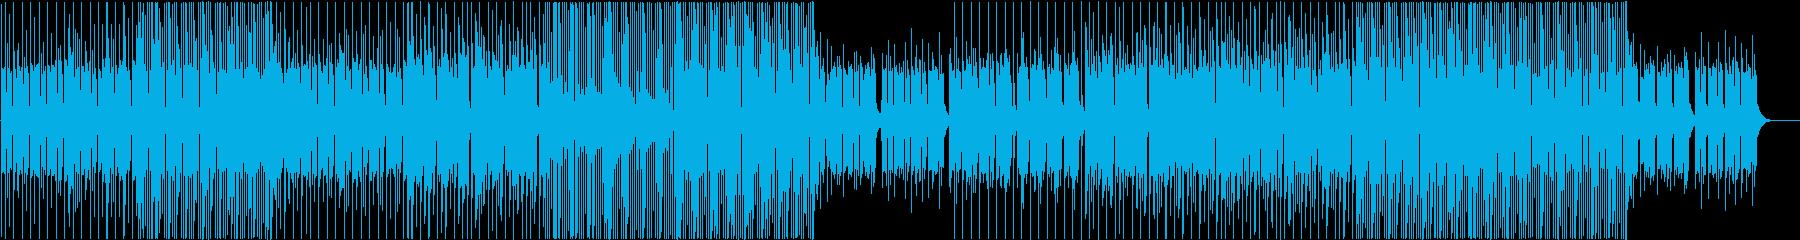 疾走感のあるエレキギターのロックサウンドの再生済みの波形